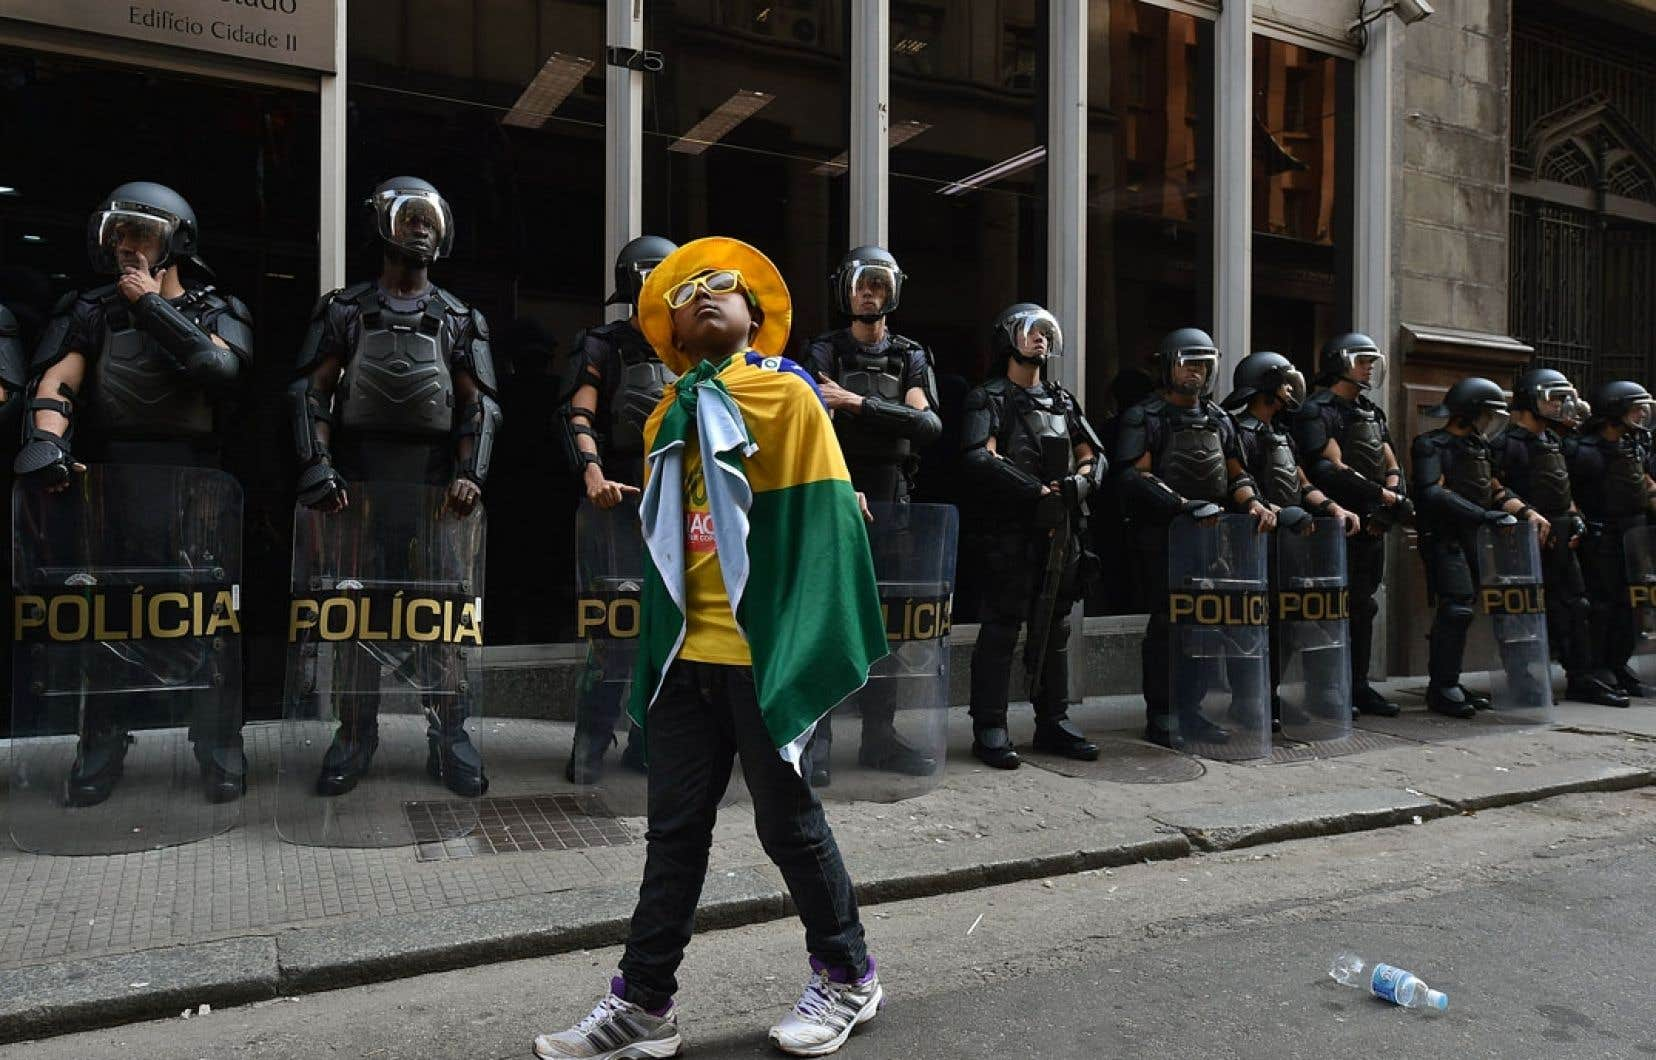 À quelques jours du début de la Coupe du monde de la FIFA, les dirigeants brésiliens sont sur les dents, alors que des affrontements ont de nouveau éclaté entre les forces de l'ordre et les employés du métro de São Paulo, qui ont cependant accepté, lundi soir, de suspendre leur grève. Ils pourraient toutefois reprendre leurs moyens de pression de plus belle dès jeudi, au moment du match d'ouverture à São Paulo.